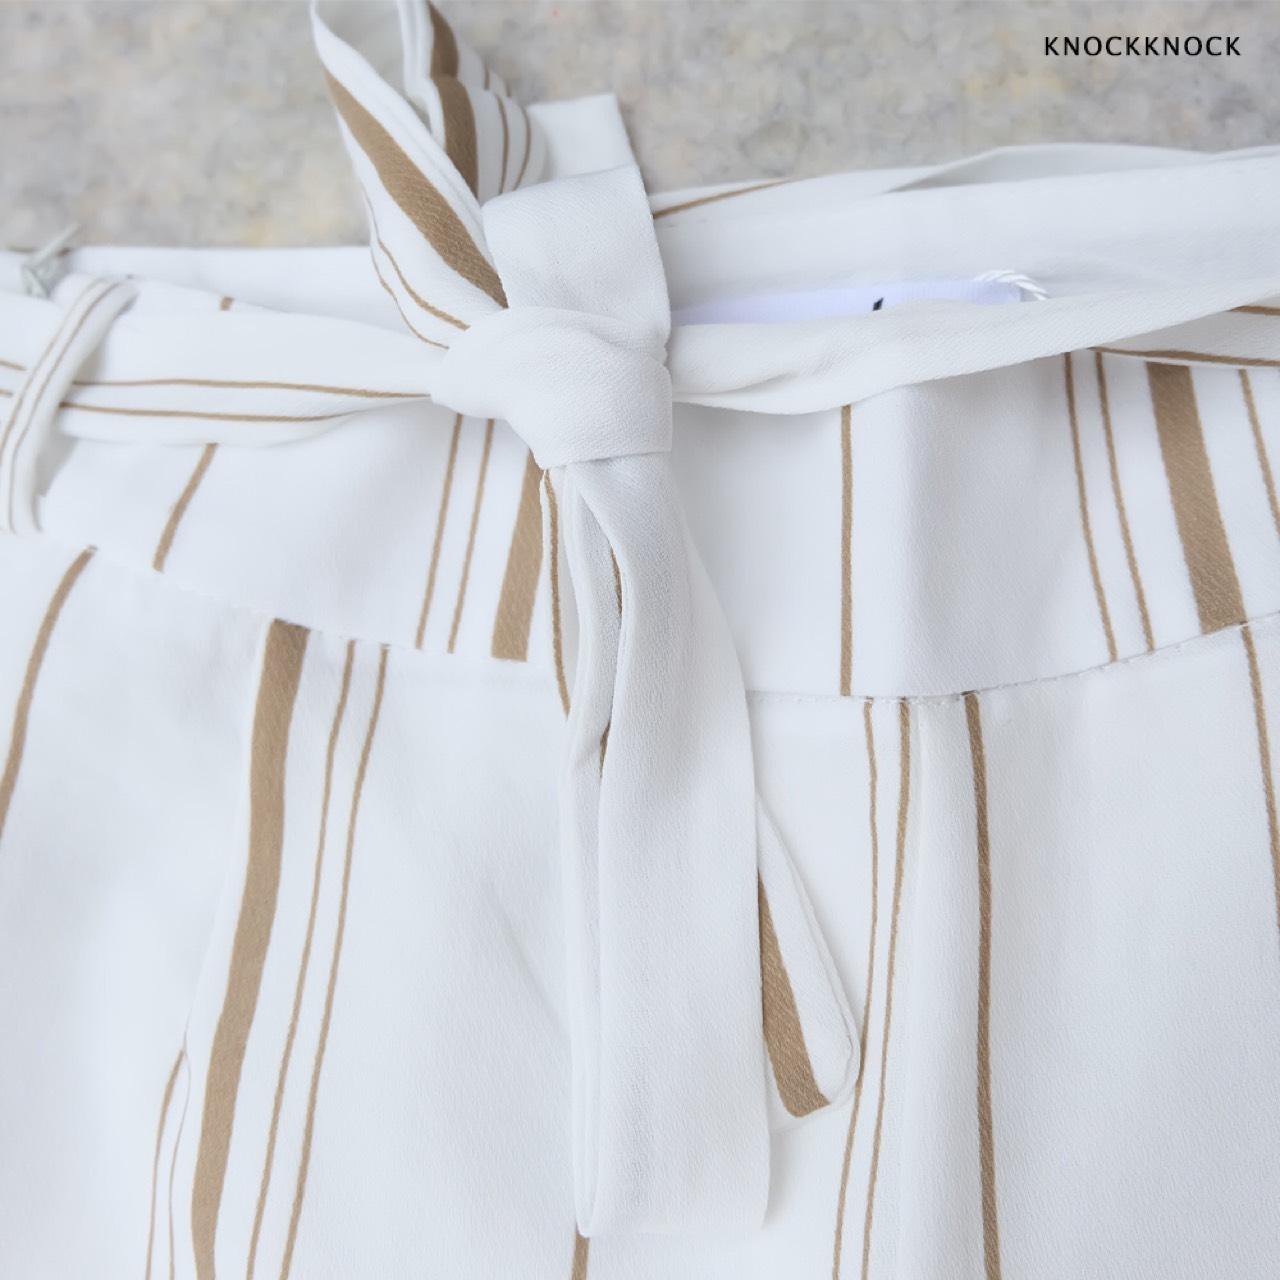 กางเกงลายทาง,กางเกงเอวสูง,กางเกงทำงาน,KnockKnock